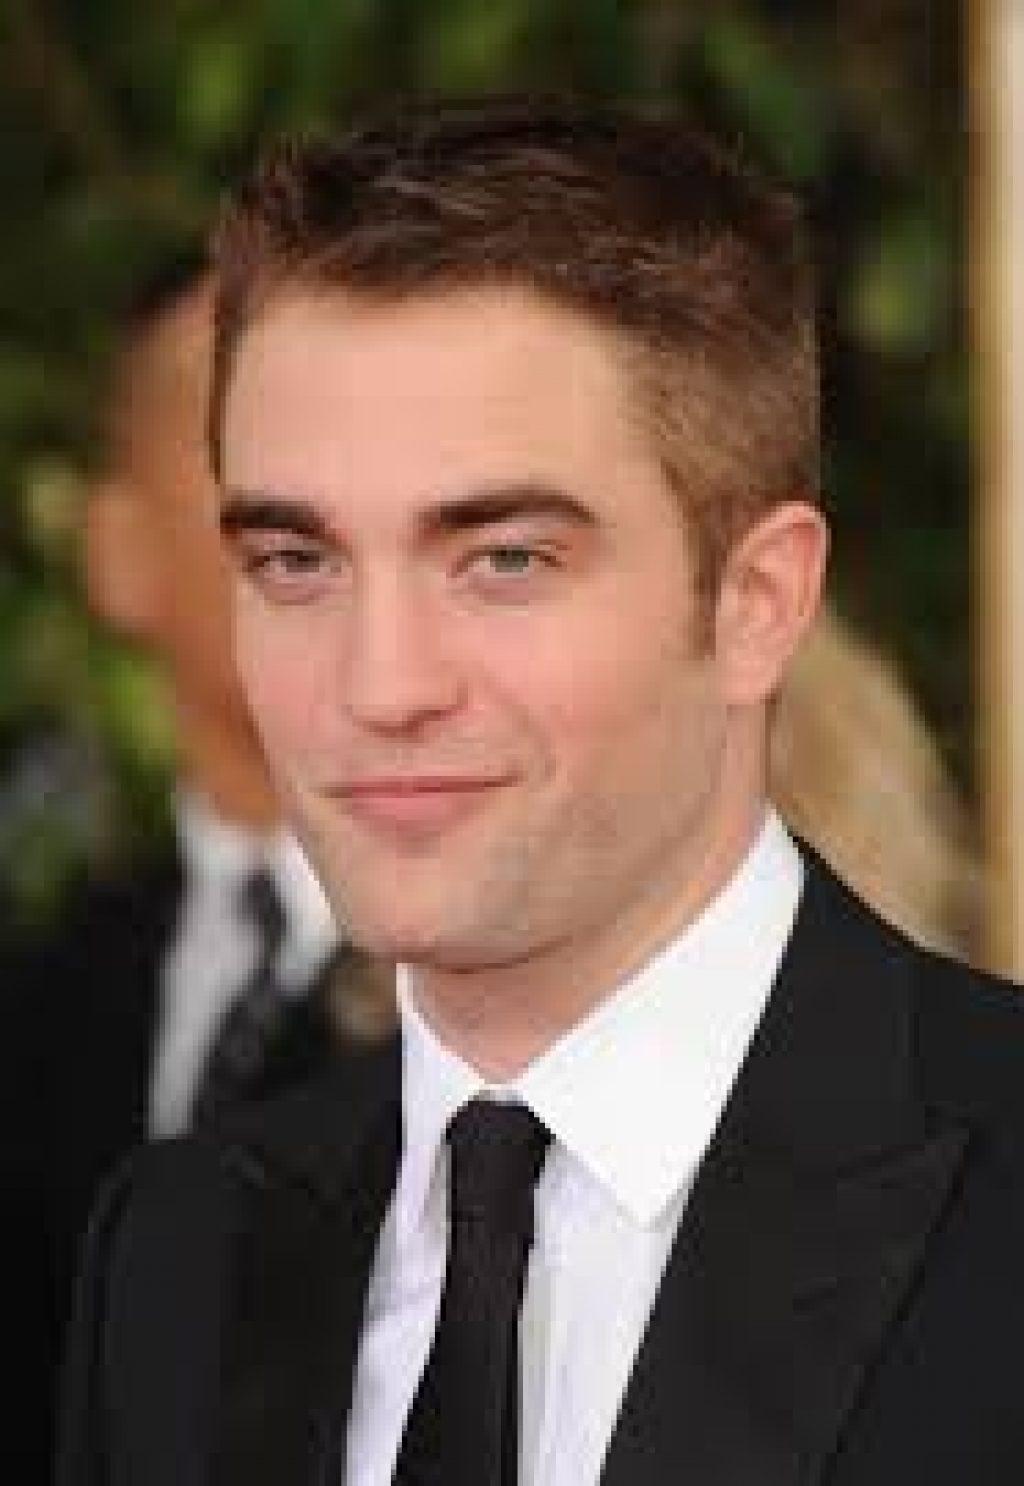 Begehrter Junggeselle: Robert Pattinson  c/o gofeminin.com